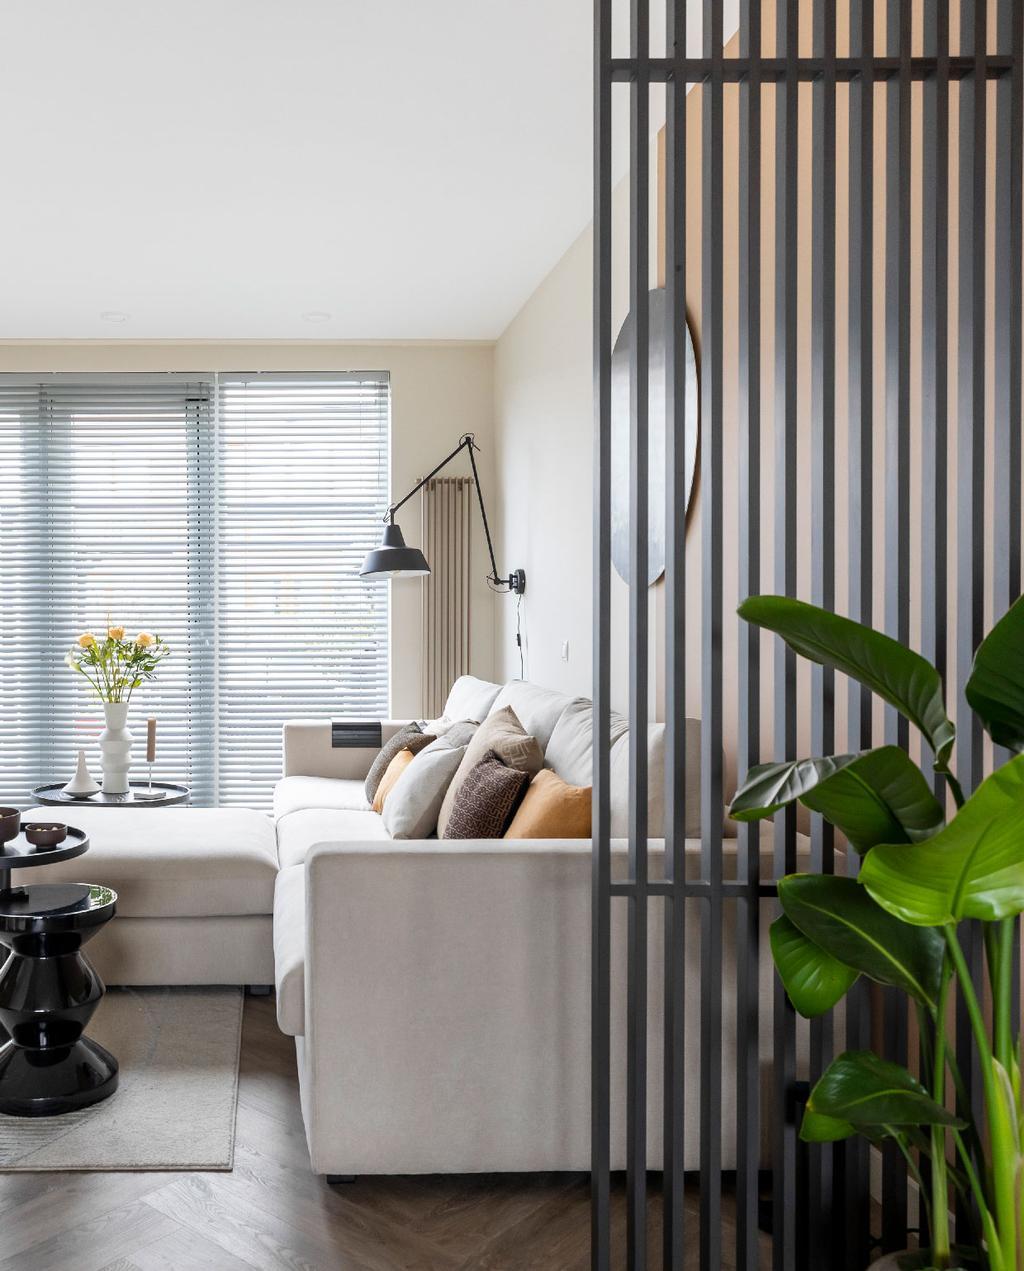 vtwonen weer verliefd op je huis uithoorn | neutrale woonkamer met witte bank, beige muur, grote kamerplant en houten latten als roomdivider